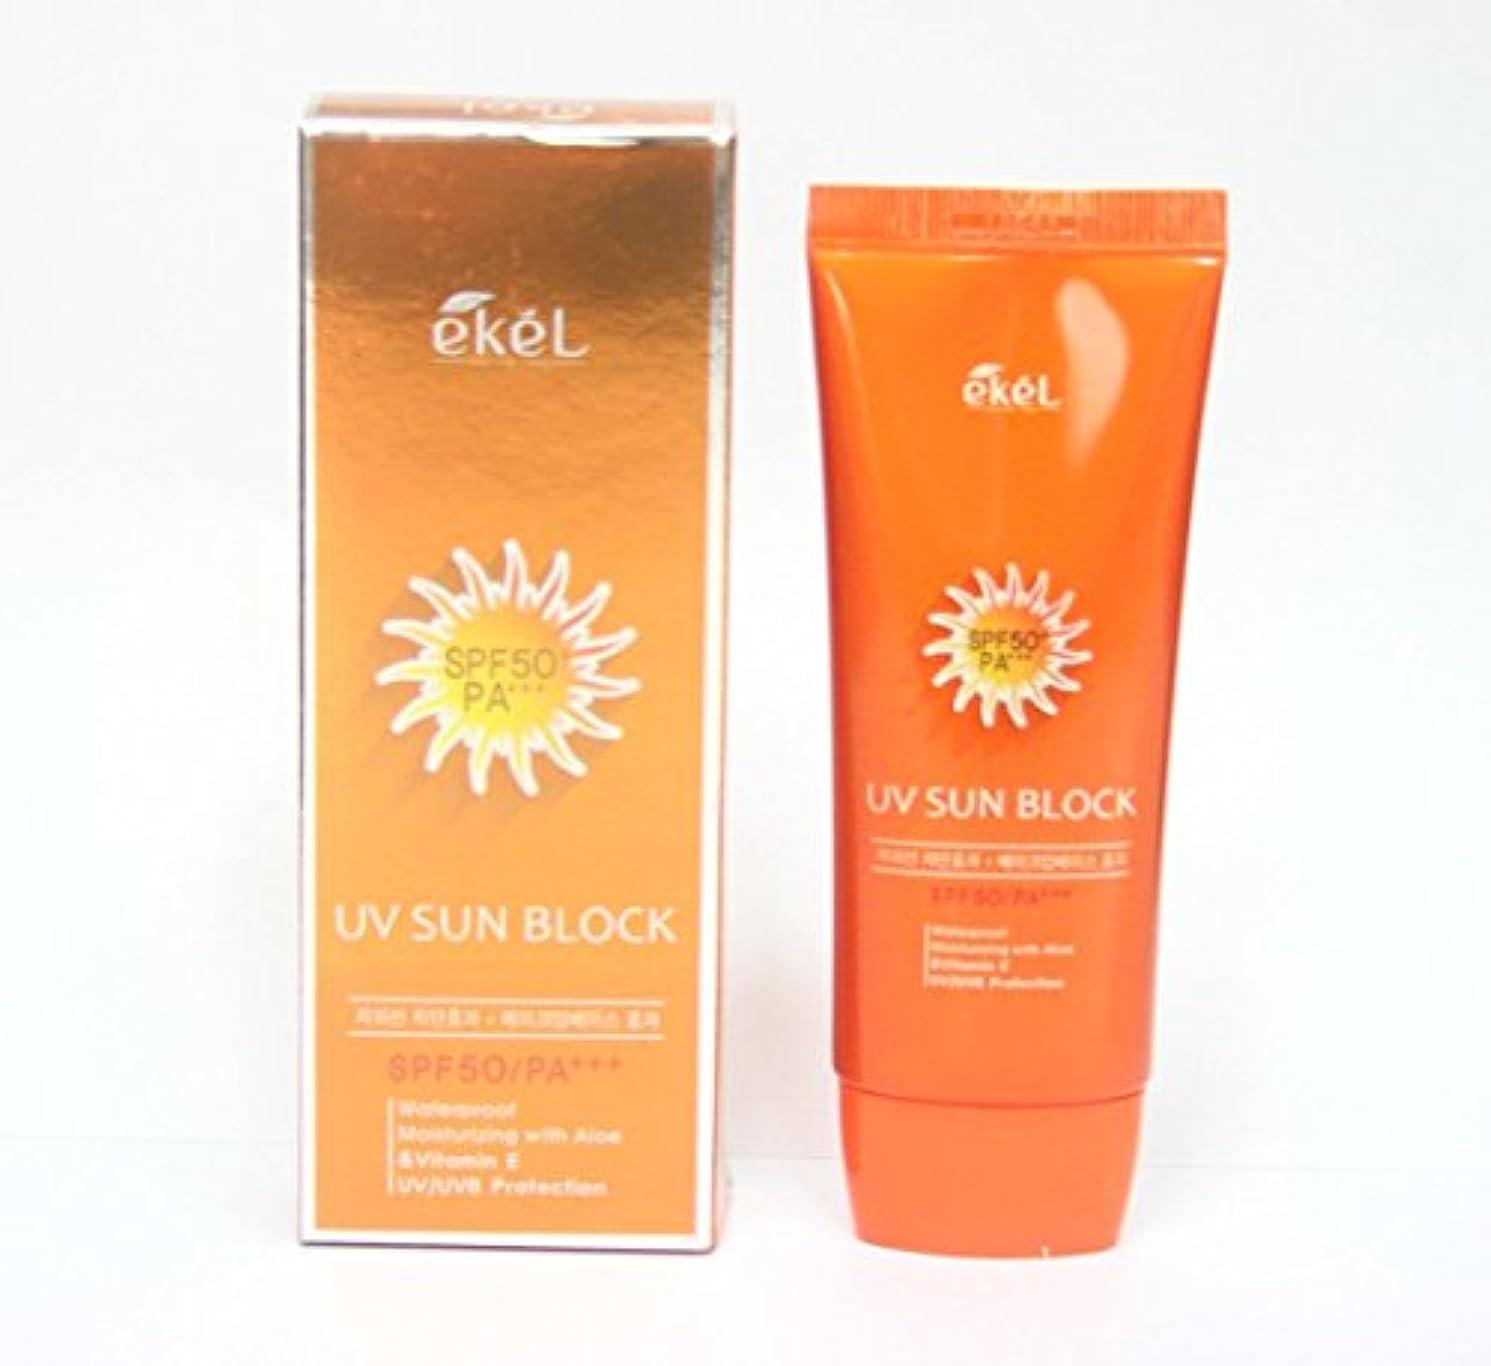 うれしいメロディアス接尾辞[EKEL] アロエ&ビタミンE日焼け止めクリームSPF50 PA+++70ml / Aloe & Vitamin E Sun Block Cream SPF50 PA+++ 70ml / UVプロテクション / メイクアップベース効果 / 防水 / UV Protection / Makeup Base effect / Waterproof / 韓国化粧品 / Korean Cosmetics [並行輸入品]